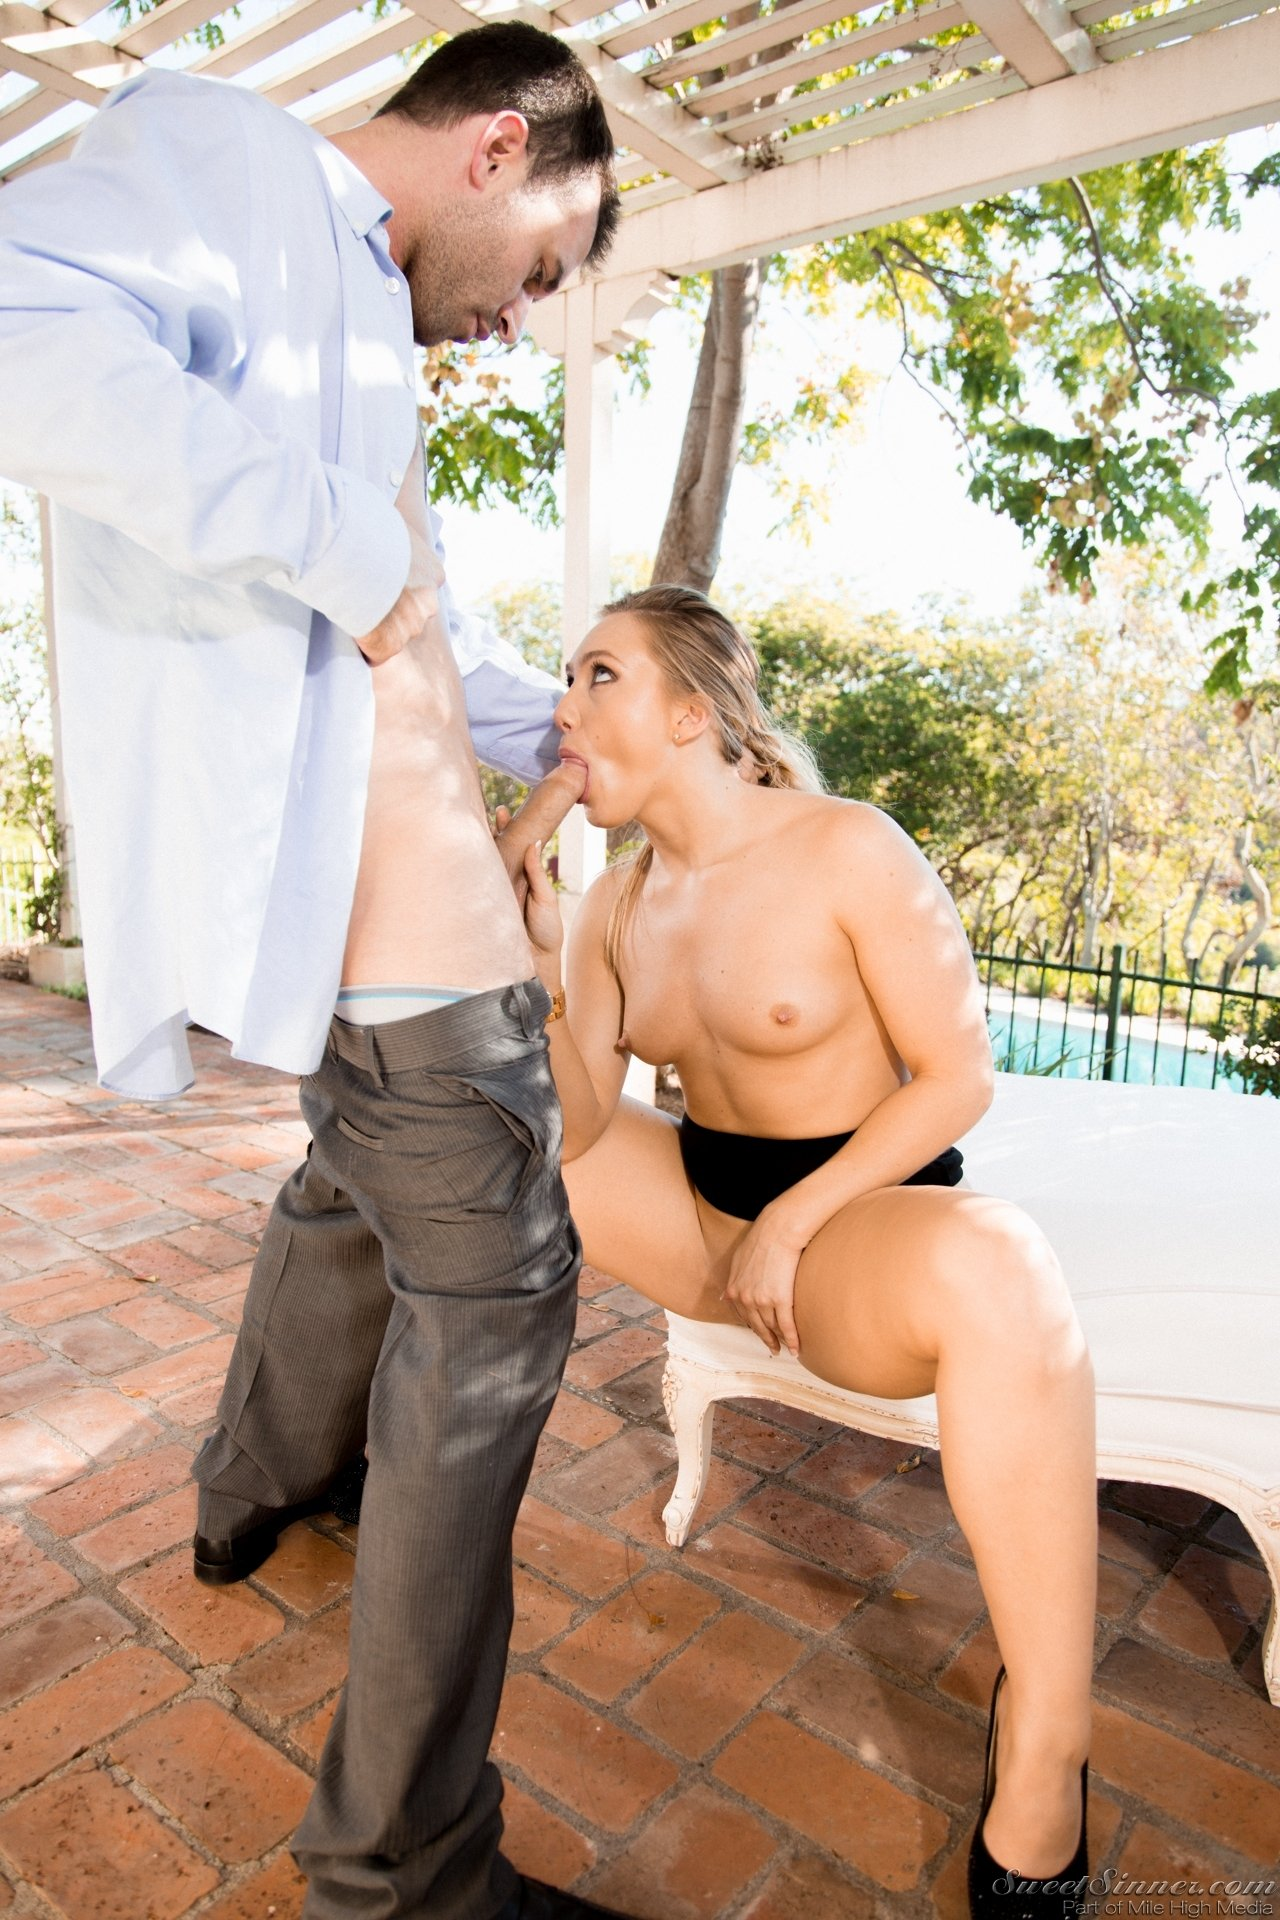 Блонда на высоких каблуках не против перепихнуться во дворе с парнем в костюме, тем более, он обожает делать куни